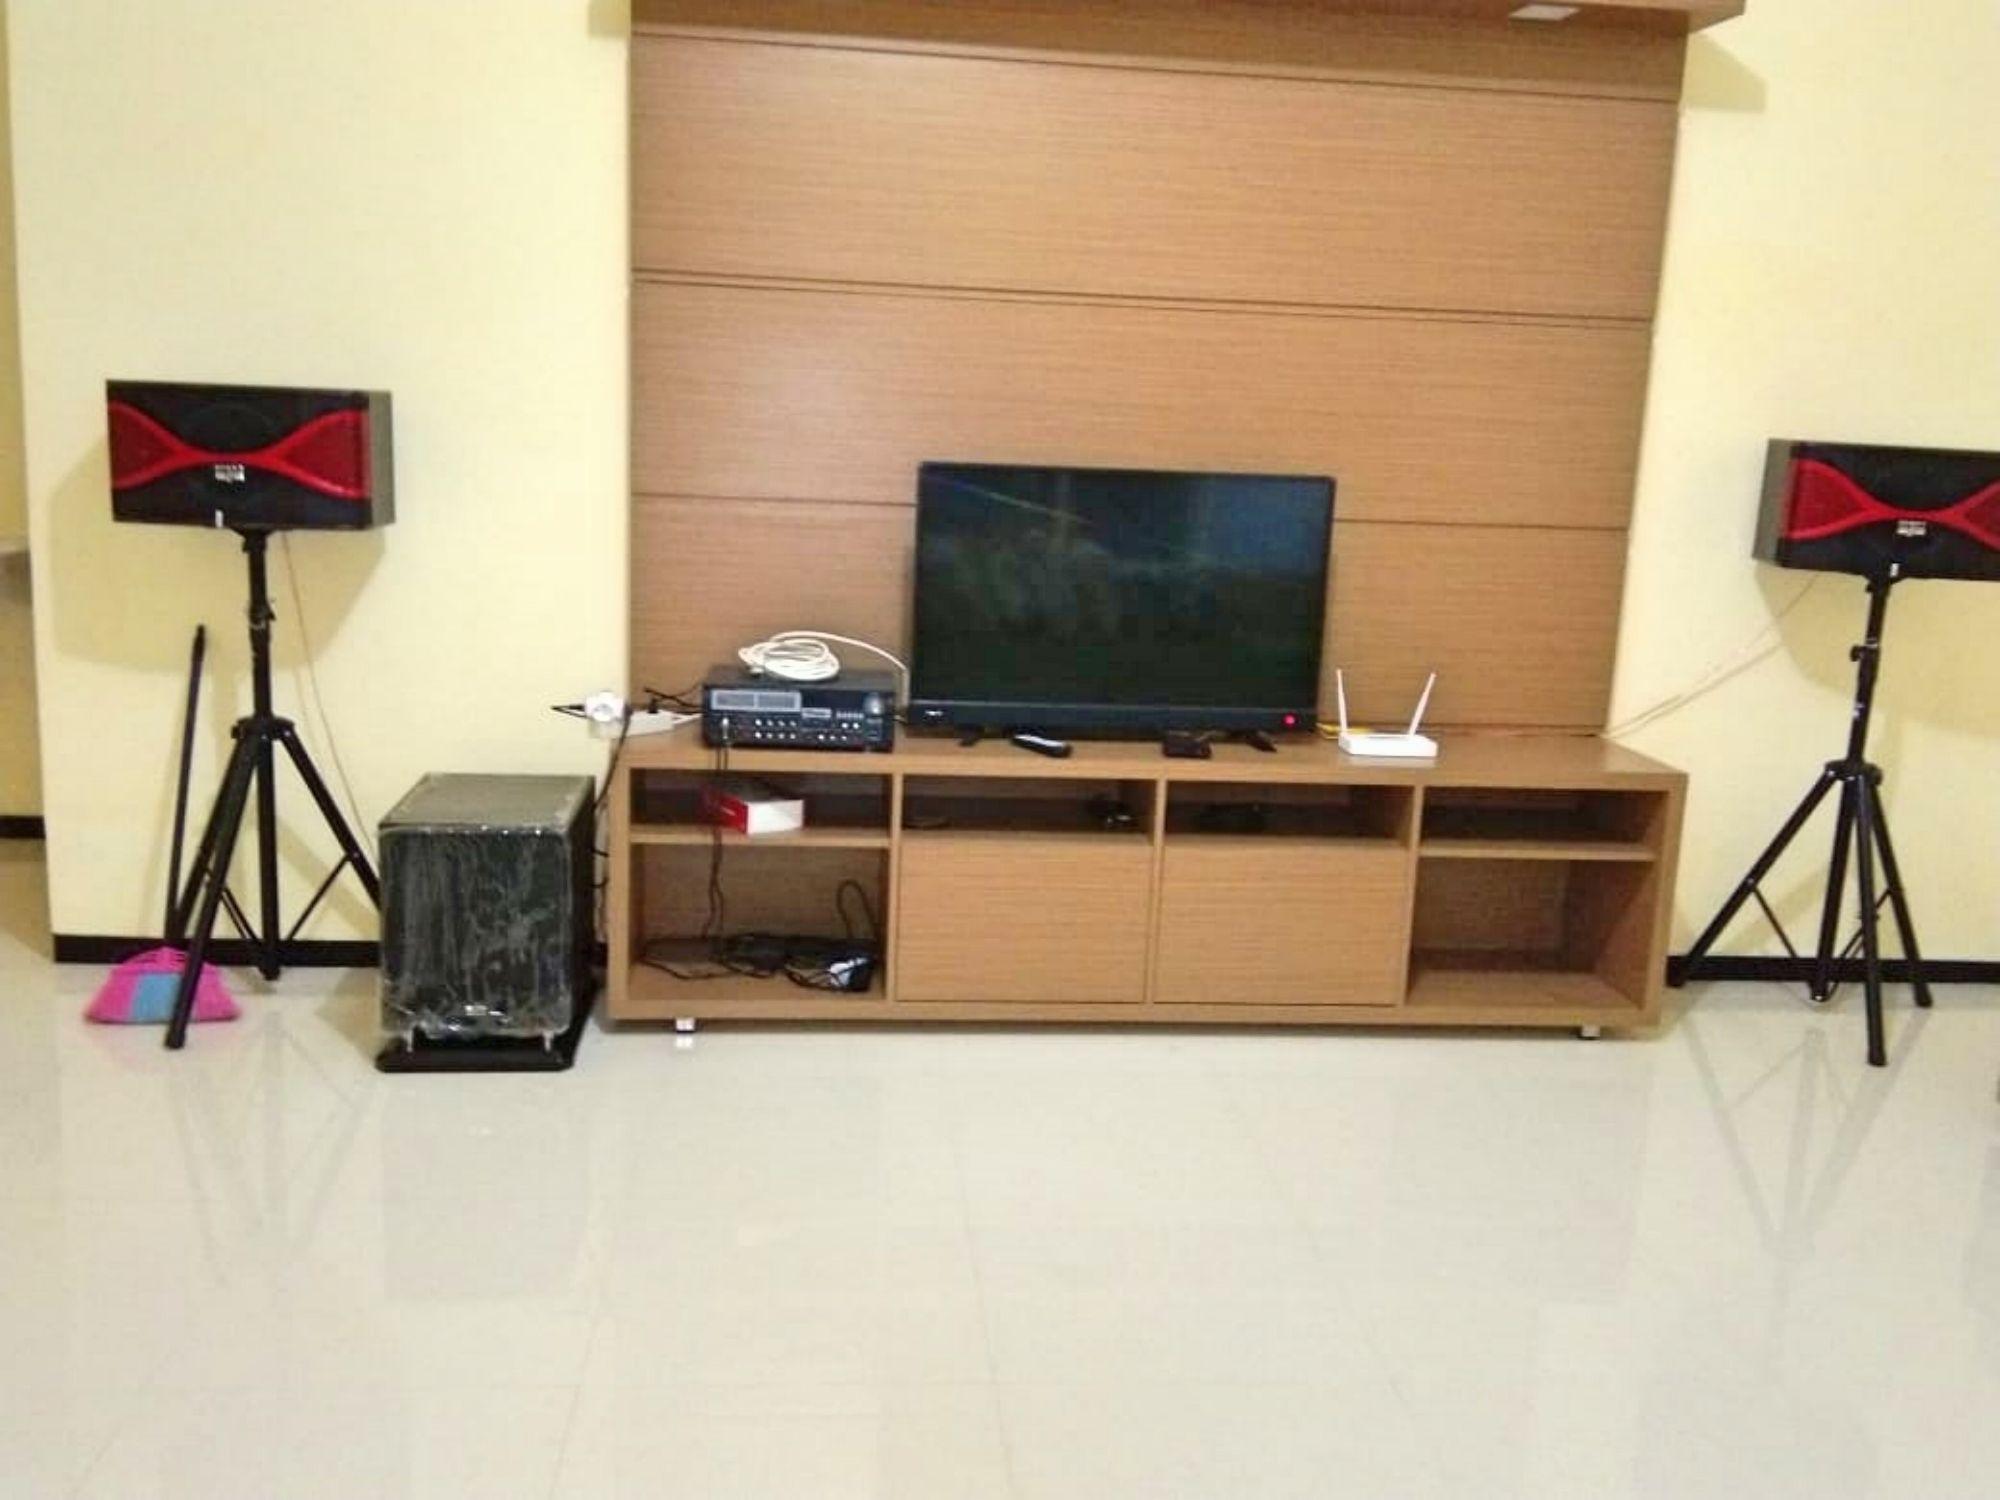 ruang karaoke dengan televisi led villa bsf batu sangat rekomended buat yang suka bernyanyi